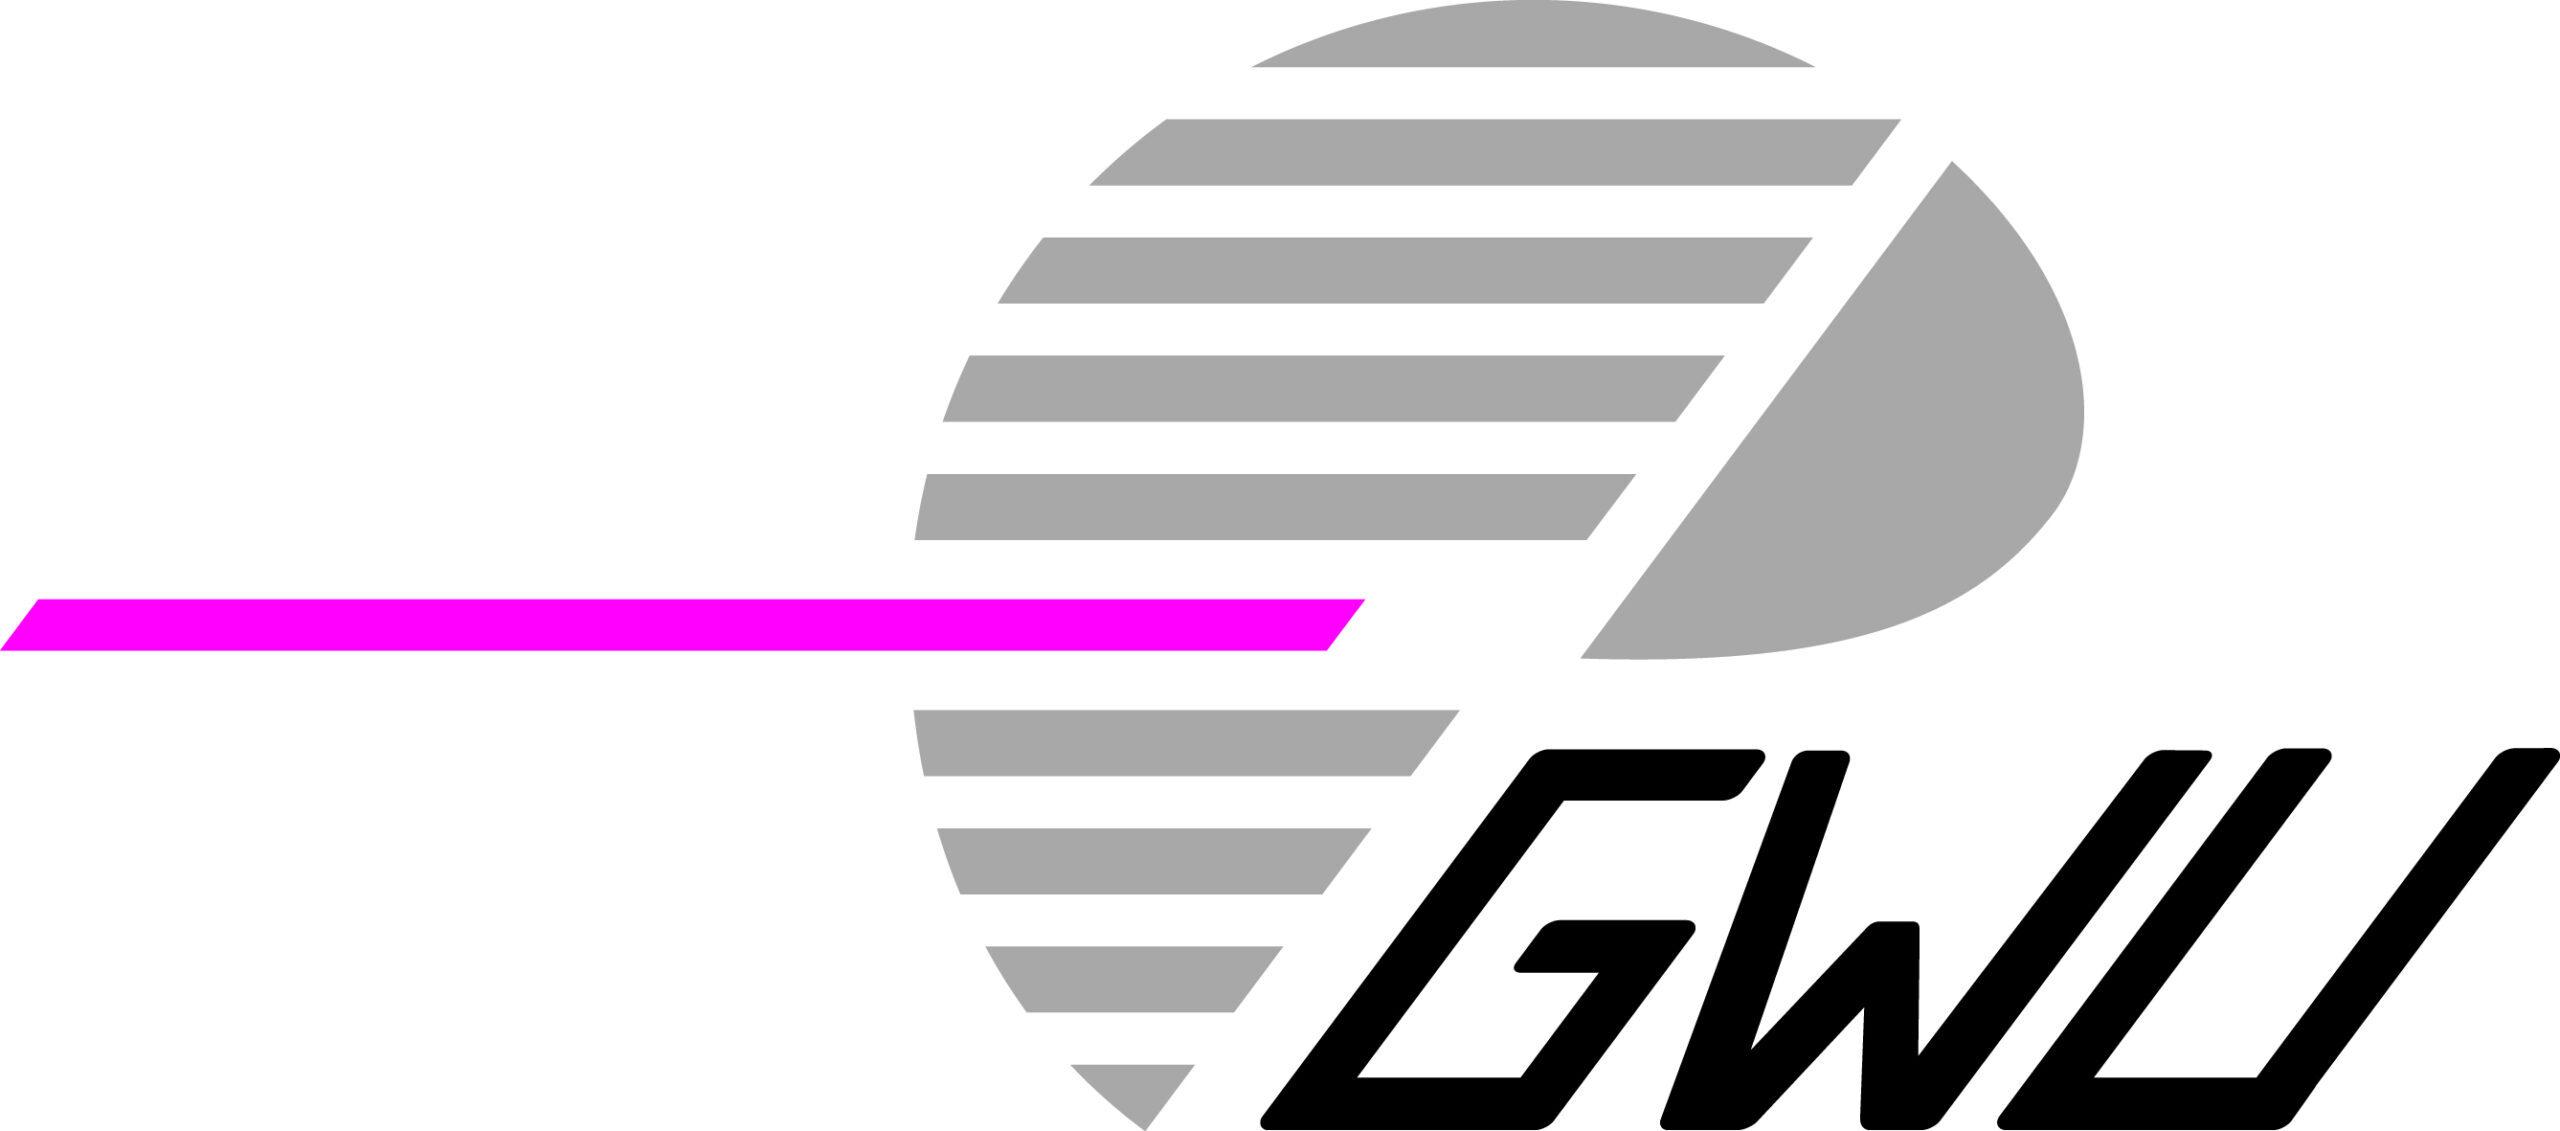 GWU-Lasertechnik